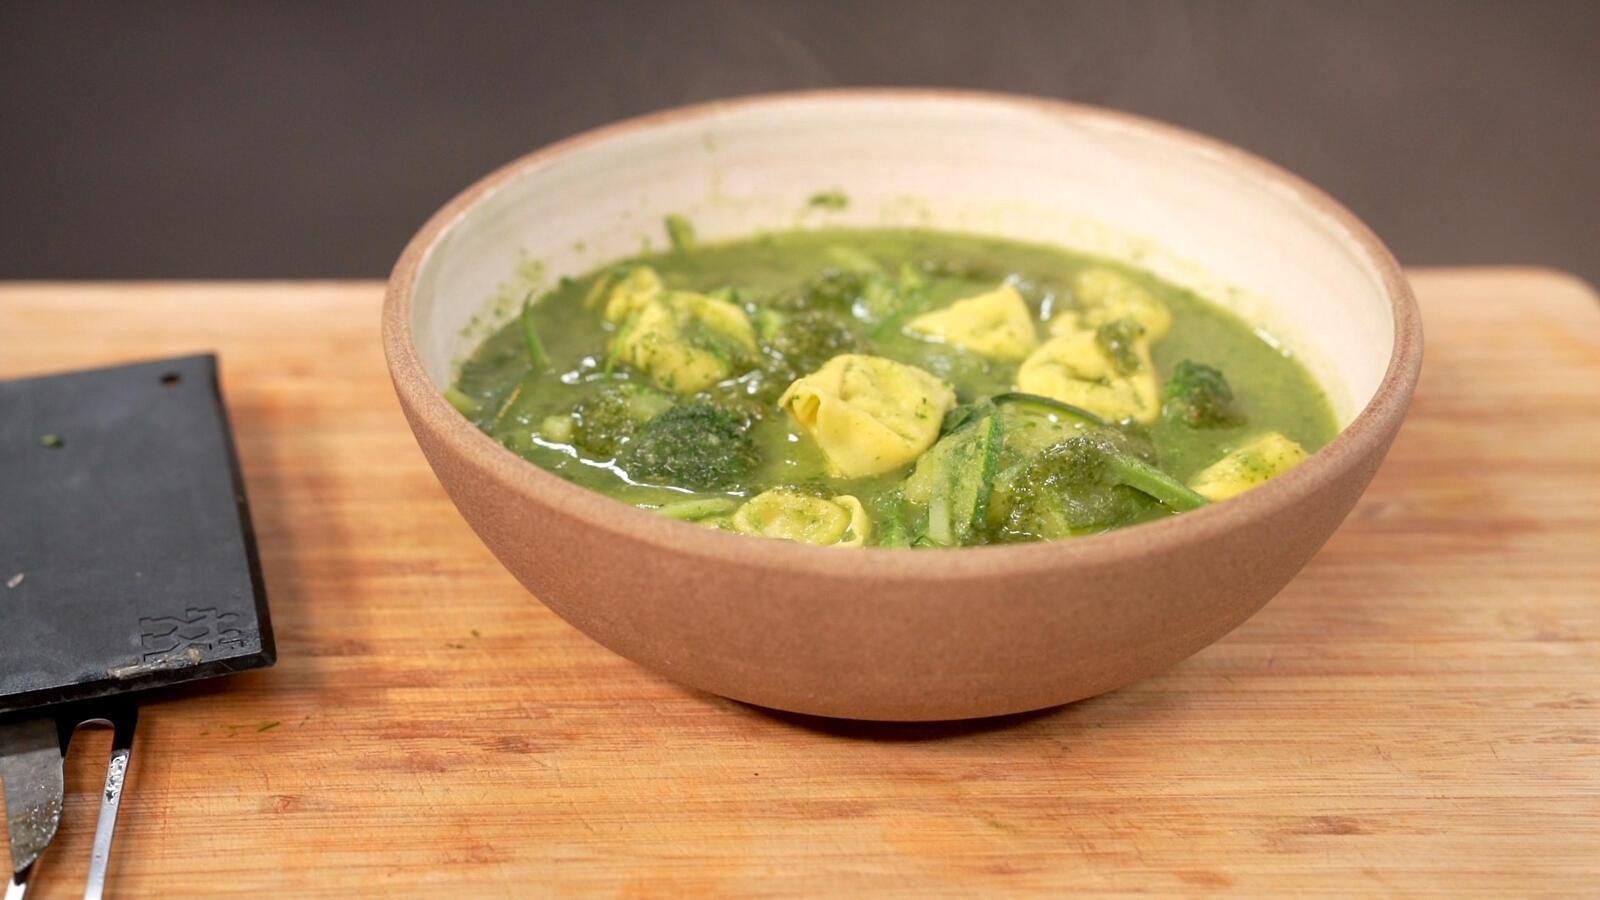 Maaltijdsoep met groene groenten, pesto en tortellini